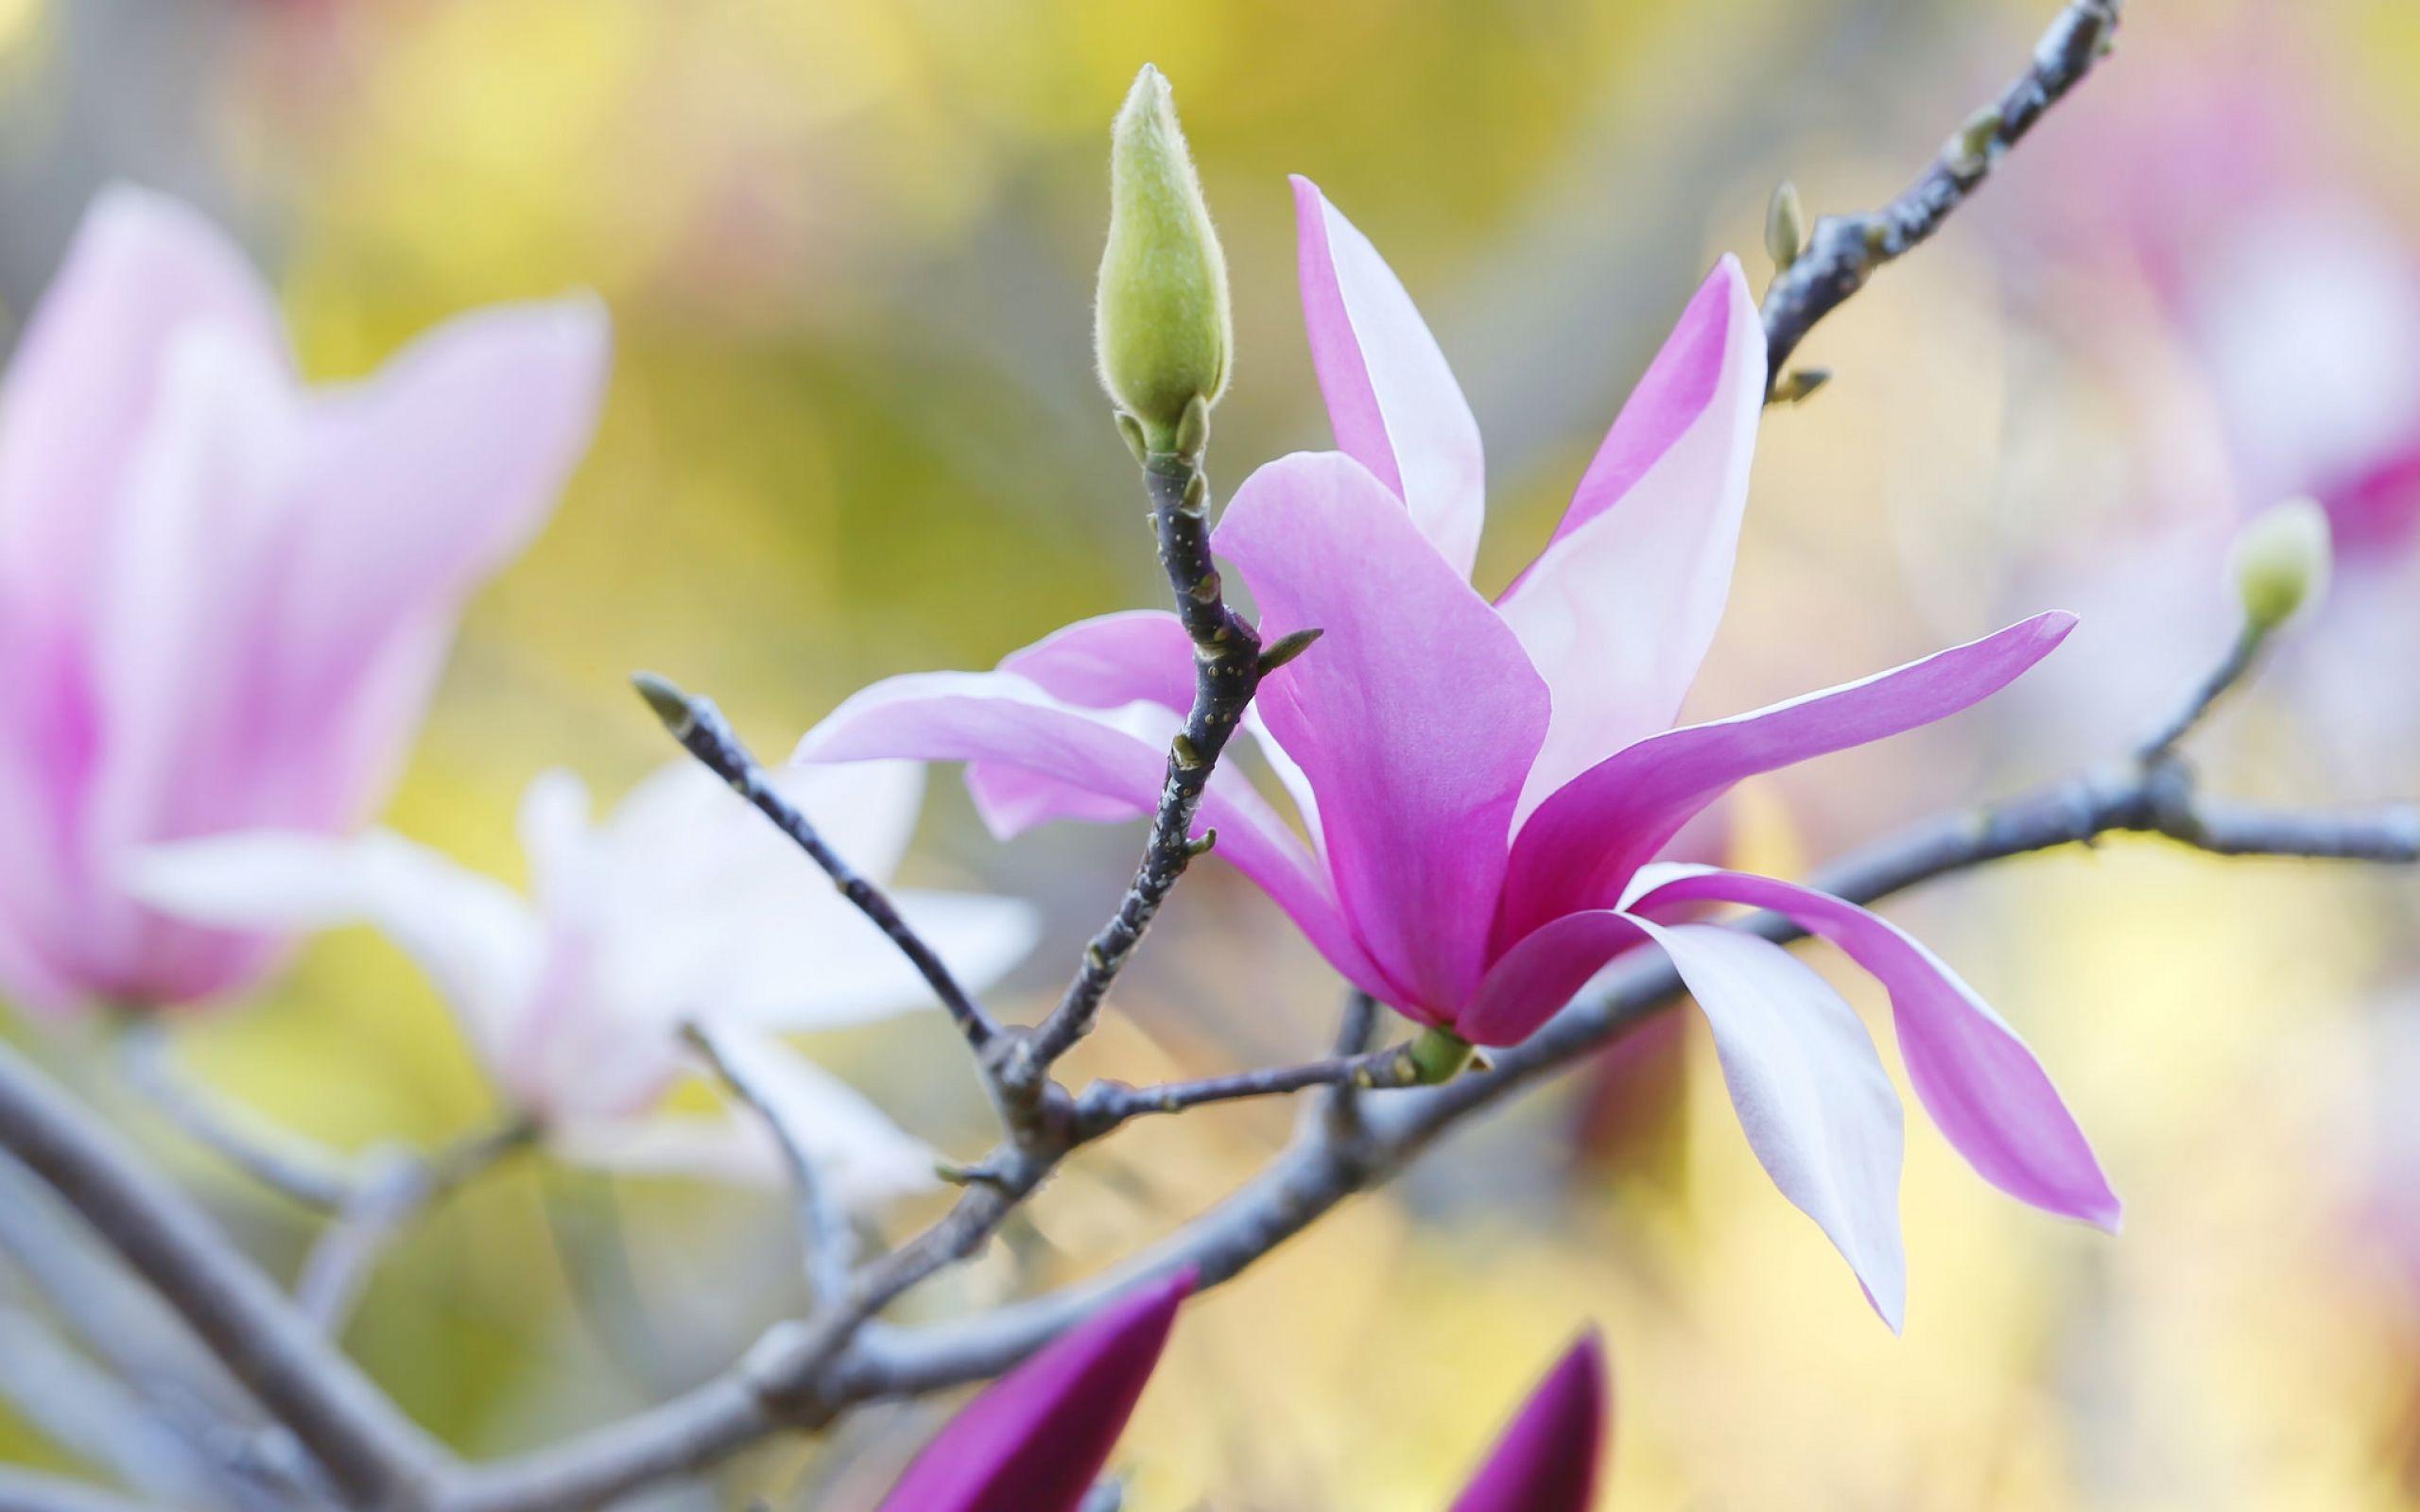 magnolia flower - Pesquisa Google